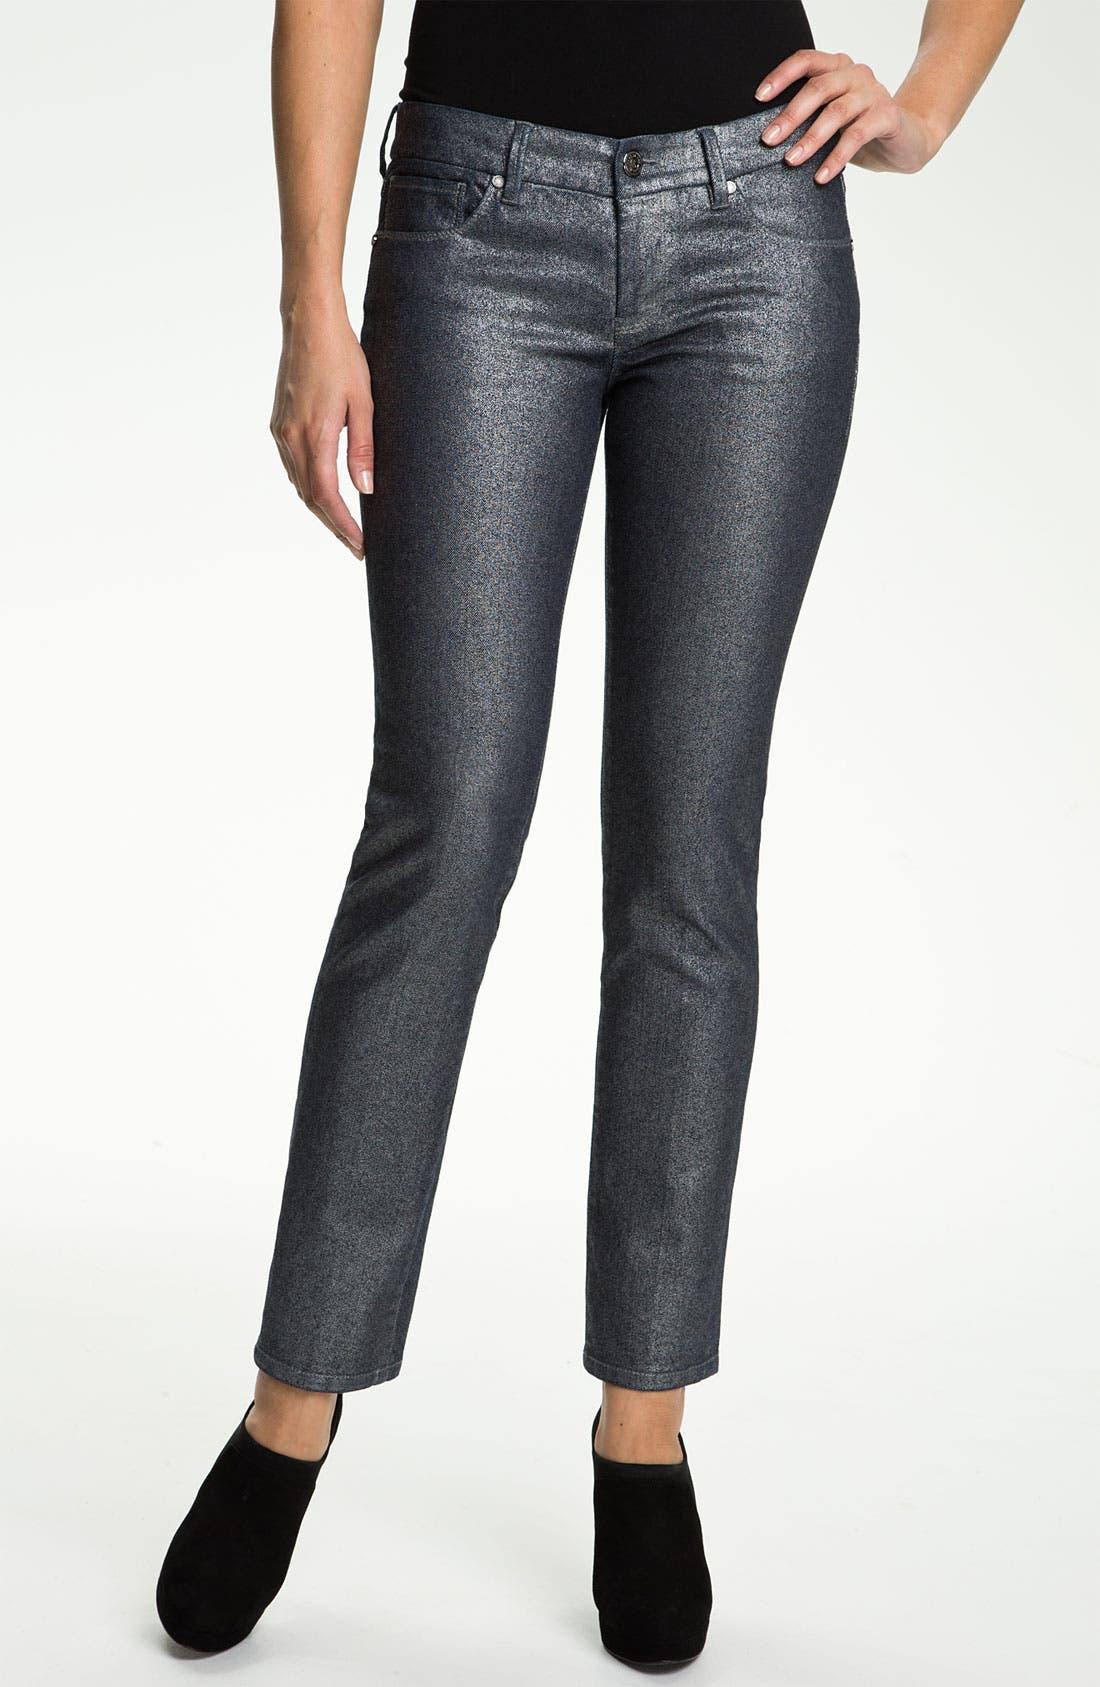 Alternate Image 1 Selected - Isaac Mizrahi Jeans 'Ali' Slim Straight Leg Jeans